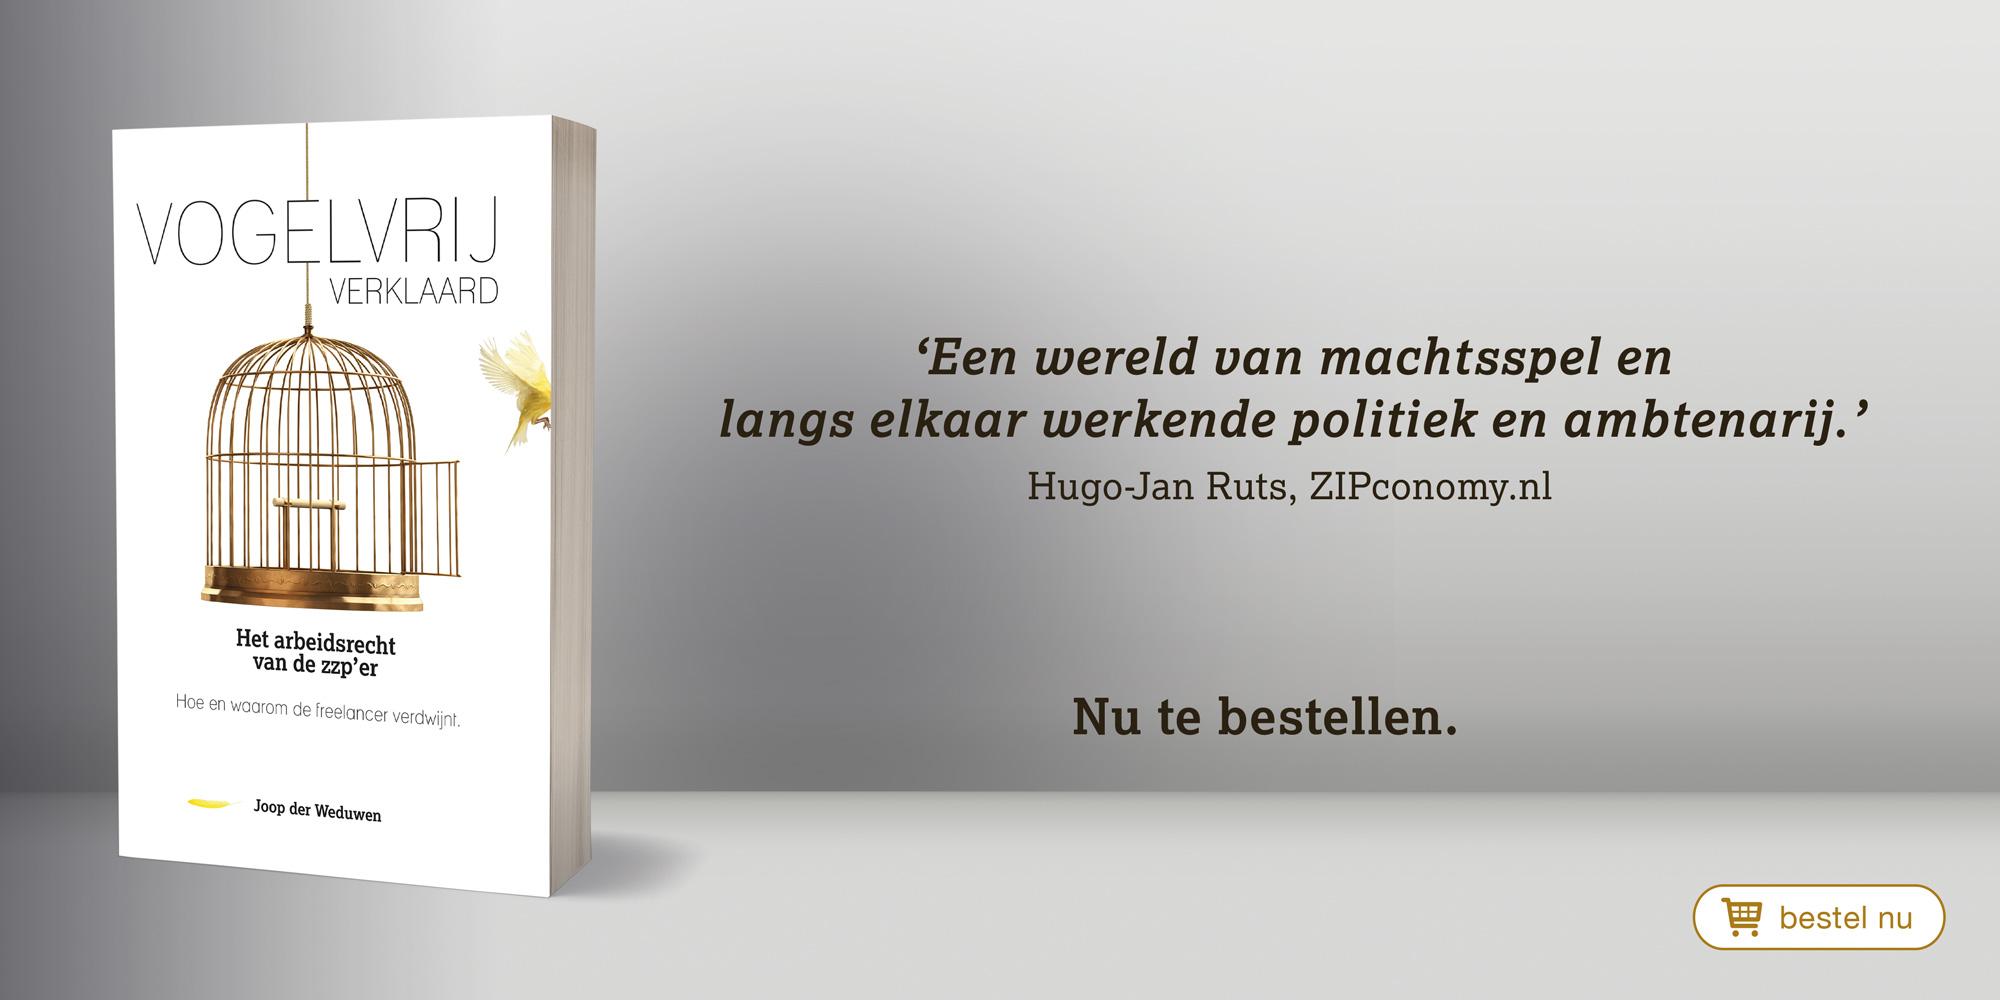 Boek Vogelvrij verklaard Joop der Weduwen, het arbeidsrecht van de zzp'er